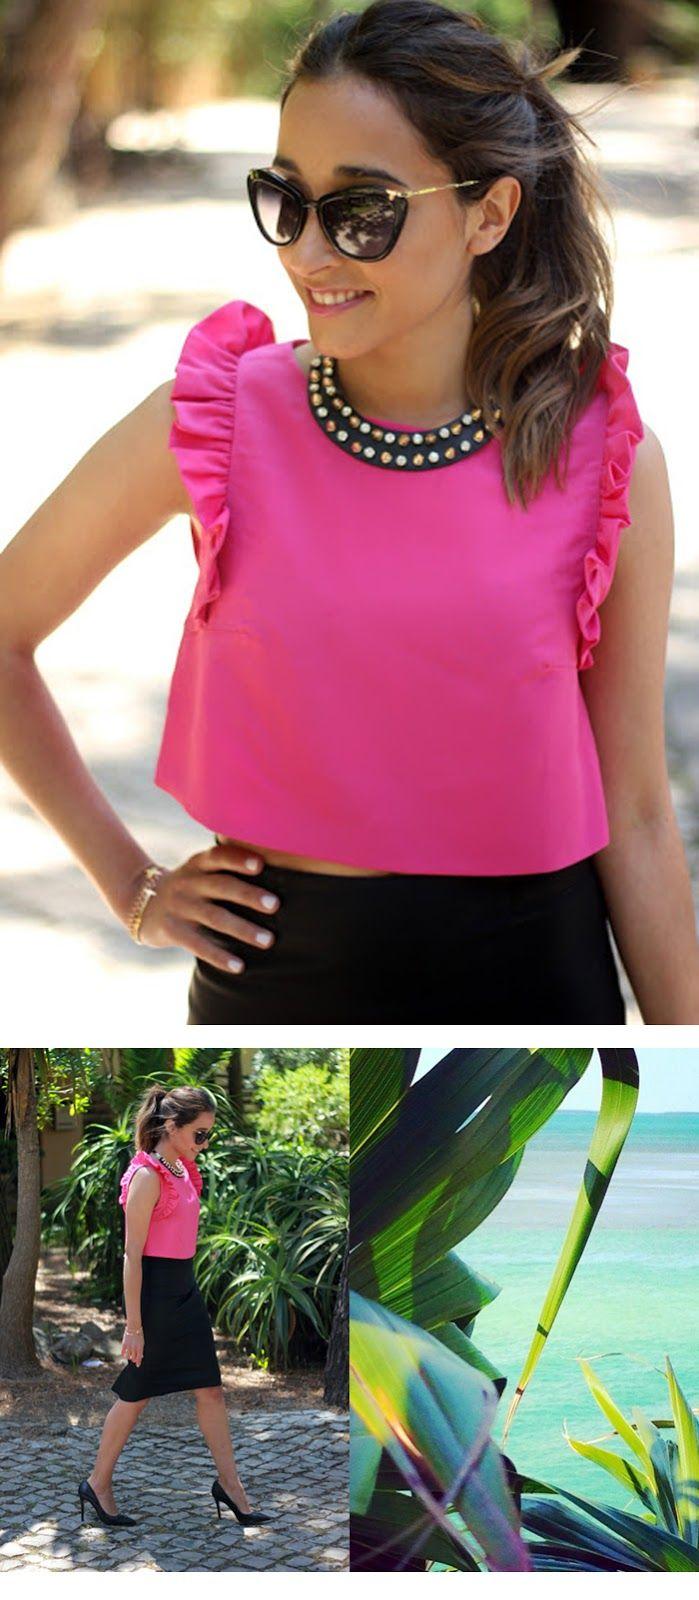 #CropTop. La prenda estrella del verano 2015. Crop Top rosa fucsia combinado con unos zapatos de tacón negros y una falda de tubo negra. Un look ideal para las noches de verano. La böcöque